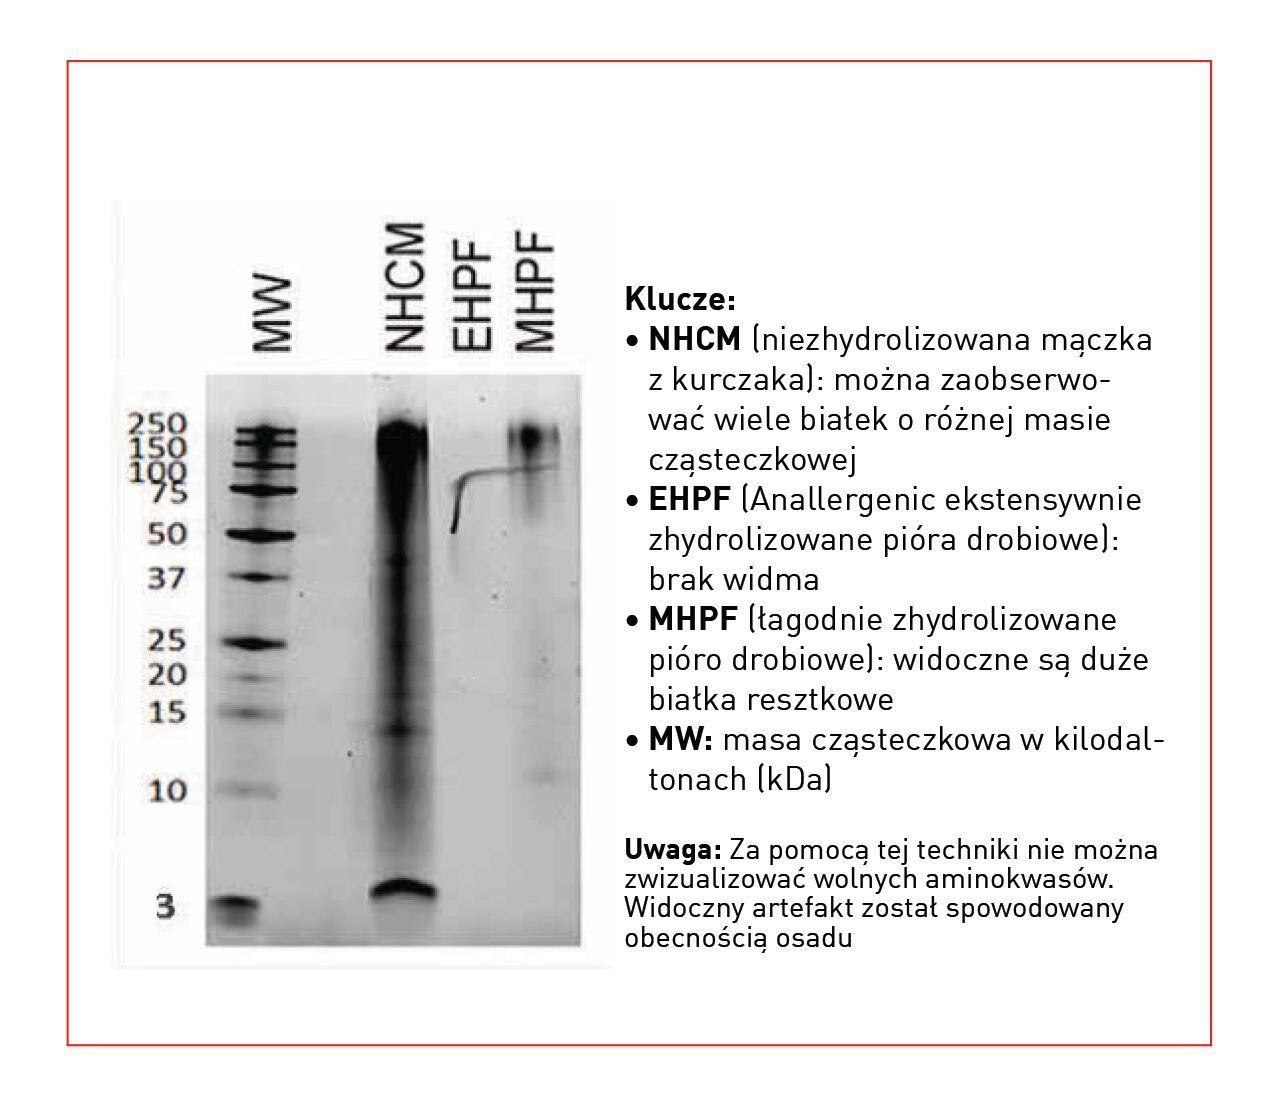 Elektroforeza białek z trzech różnych surowców pochodzenia drobiowego, w tym ekstensywnie zhydrolizowanego białka piór w dietach Anallergenic.